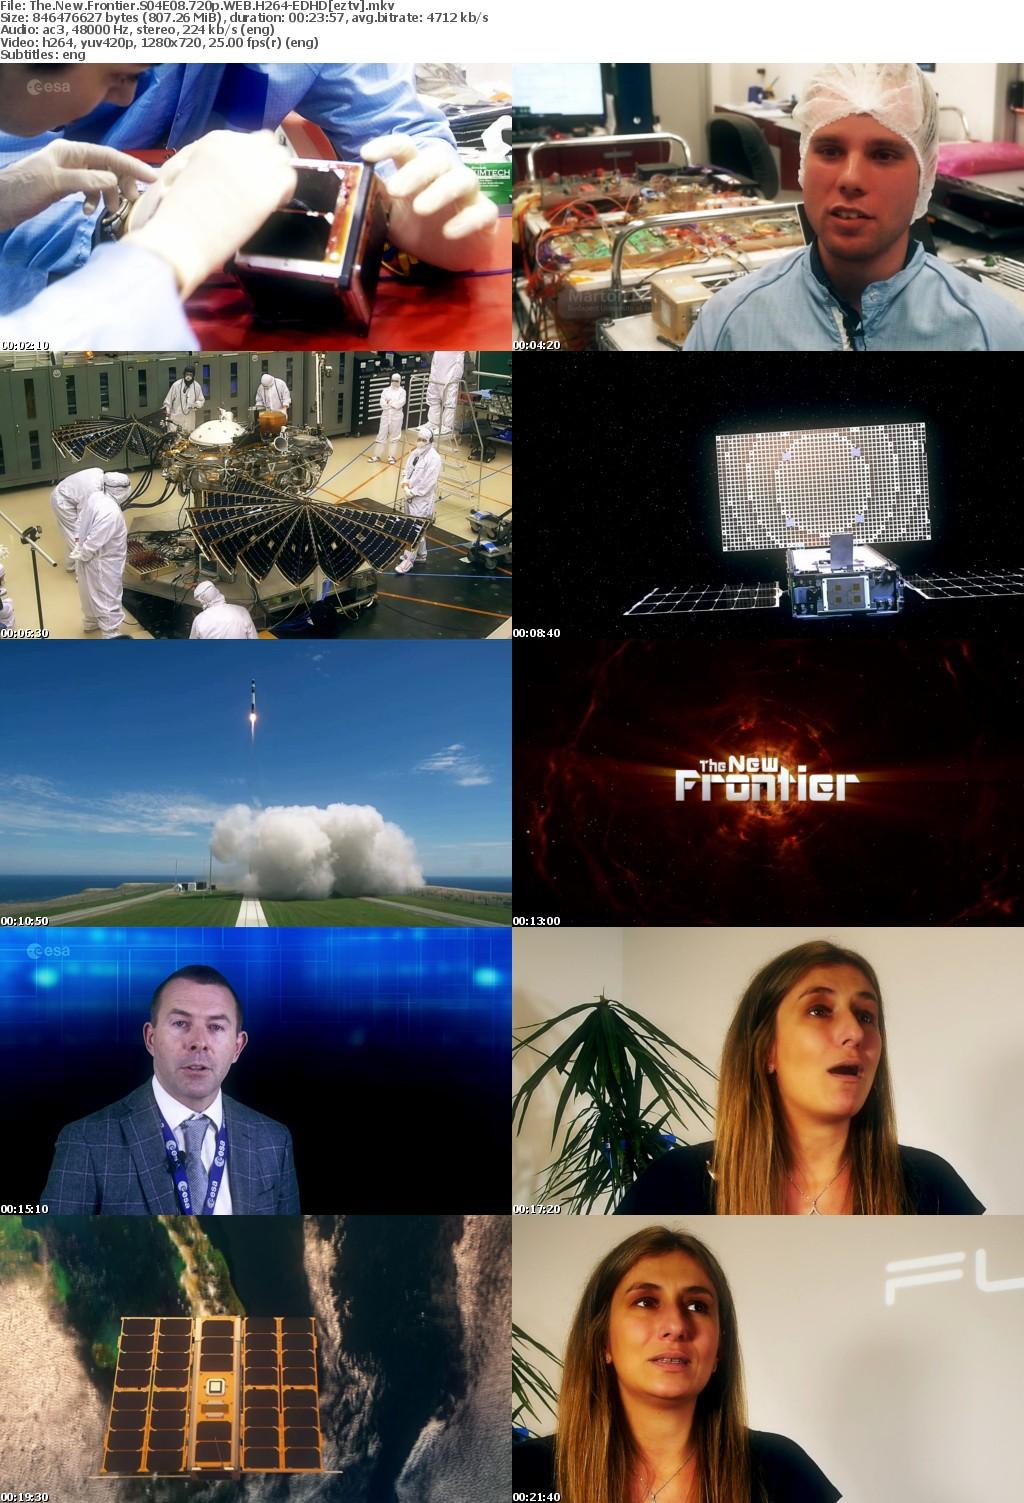 The New Frontier S04E08 720p WEB H264-EDHD